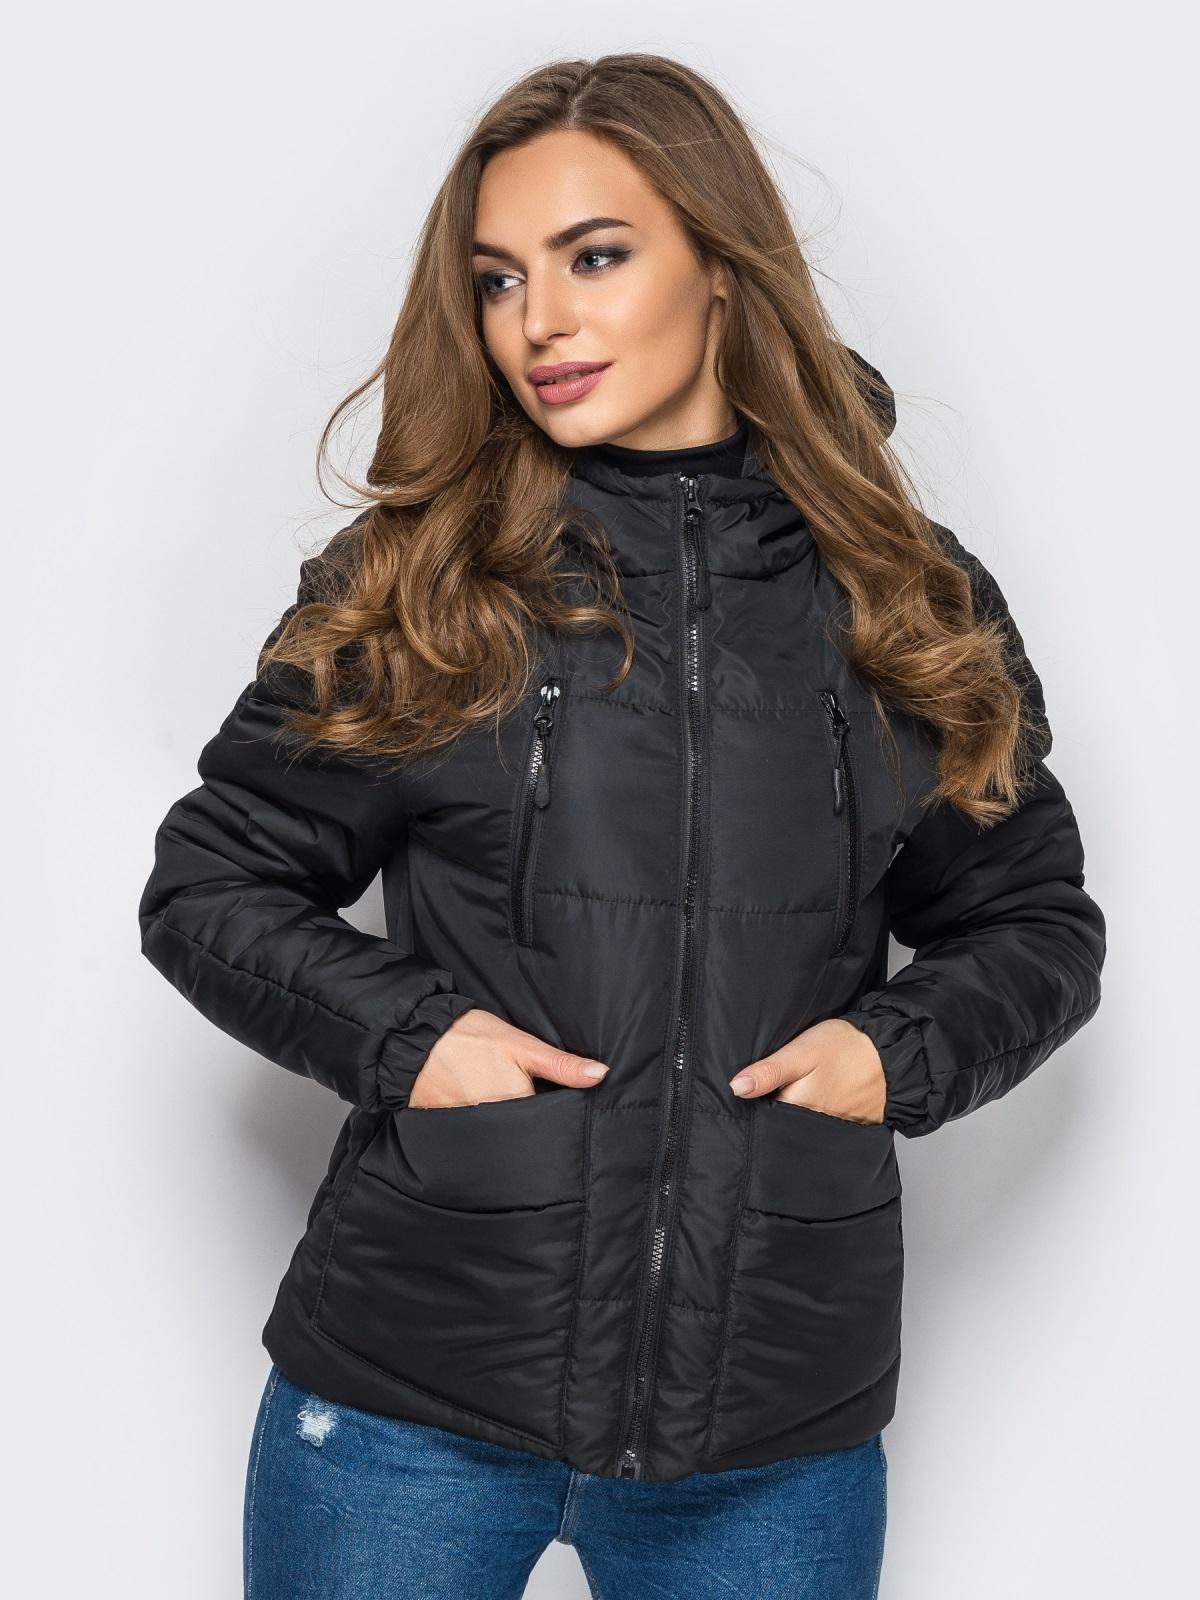 Куртка с капюшоном и накладными карманами черная - 12963, фото 1 – интернет-магазин Dressa